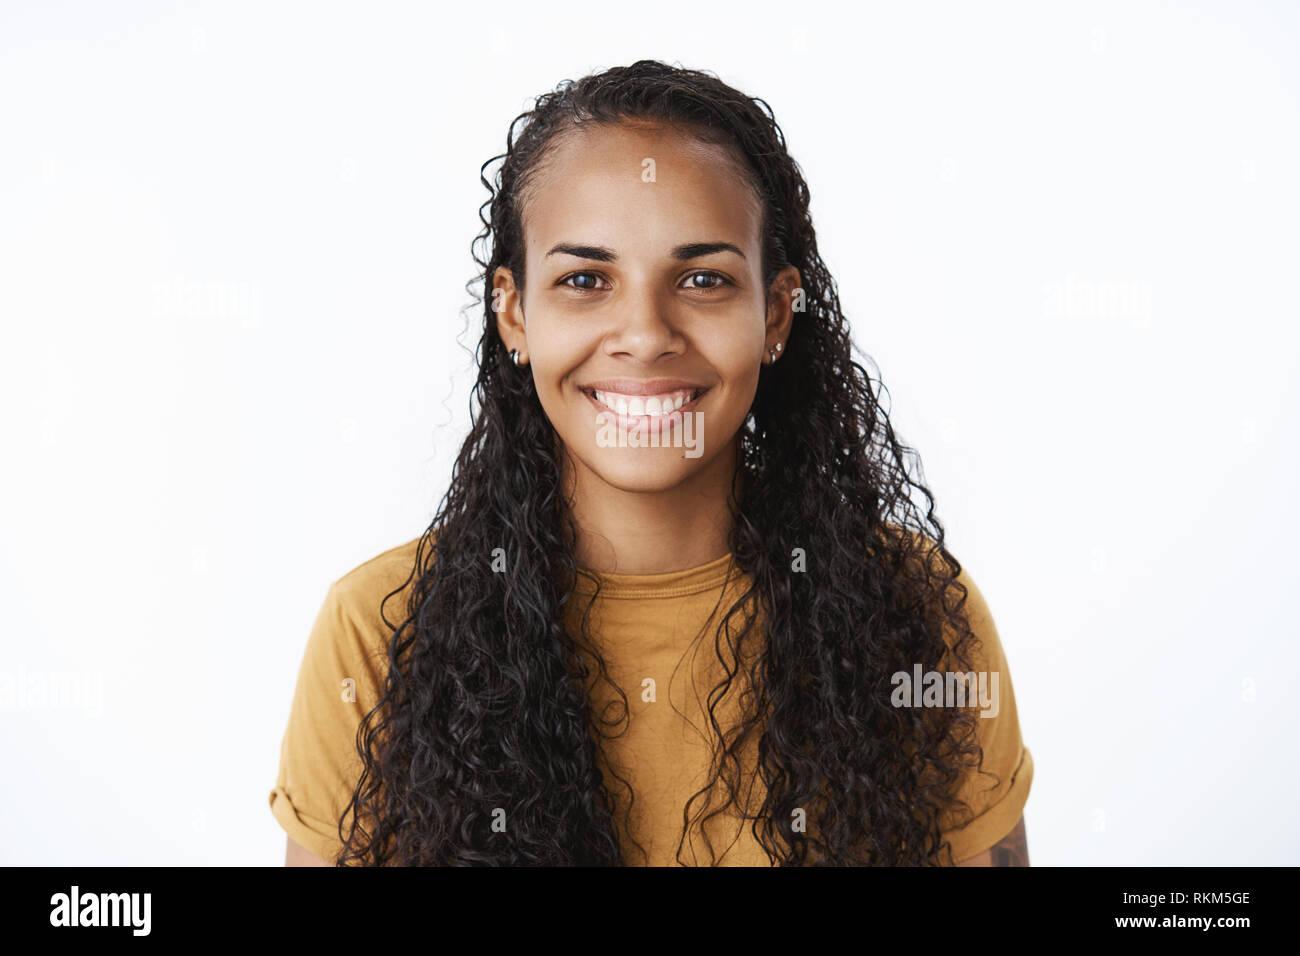 Clsose-up shot de gozosa buena apariencia amable mujer afroamericana con mucho pelo rizado y blanco amplia sonrisa mirando a la cámara y cumplido Imagen De Stock